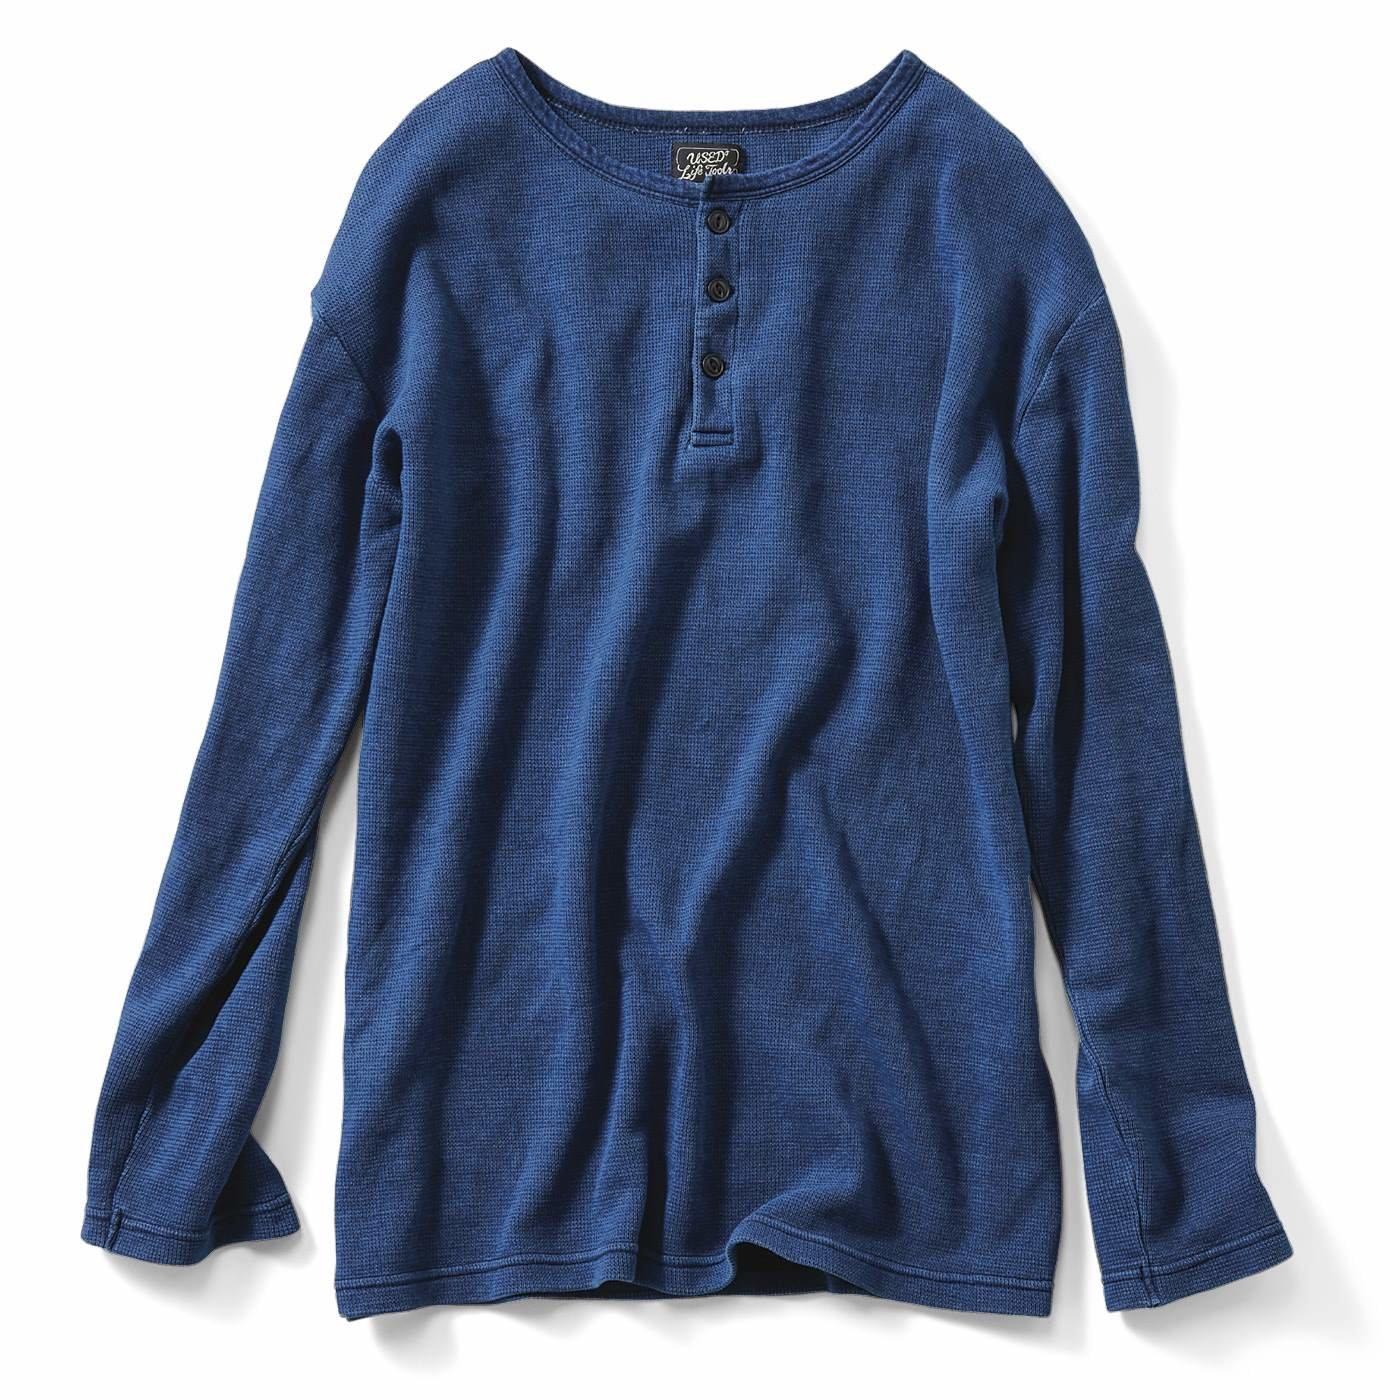 古着屋さんで見つけたようなワッフルヘンリーネックTシャツ〈ライトインディゴブルー〉